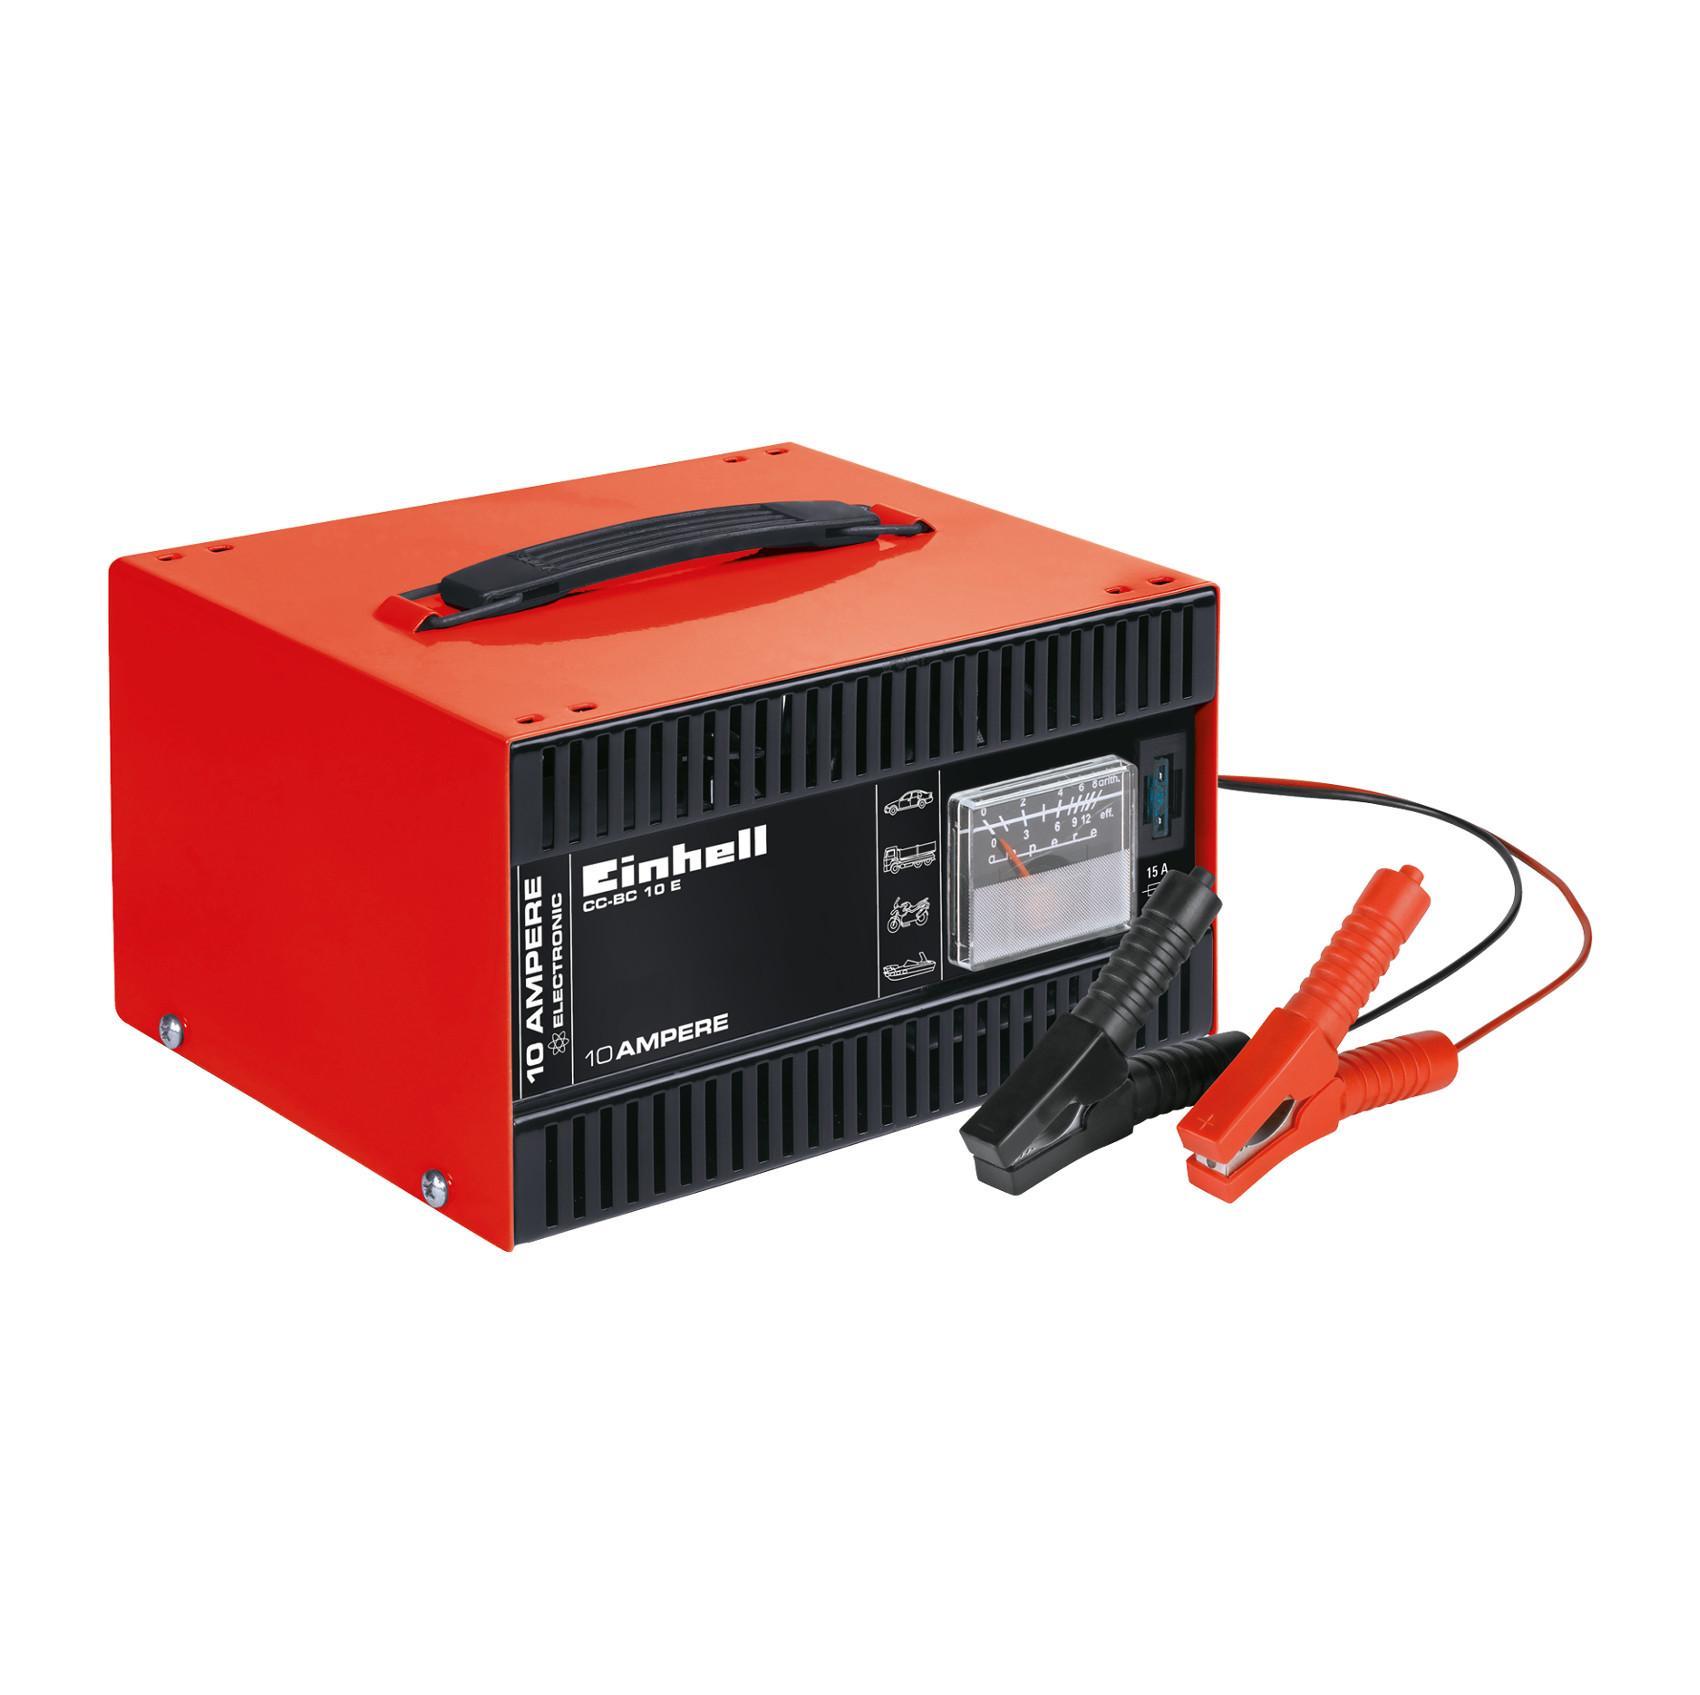 Einhell Batterie-Ladegerät CC-BC 10 E (für Batterien von 5